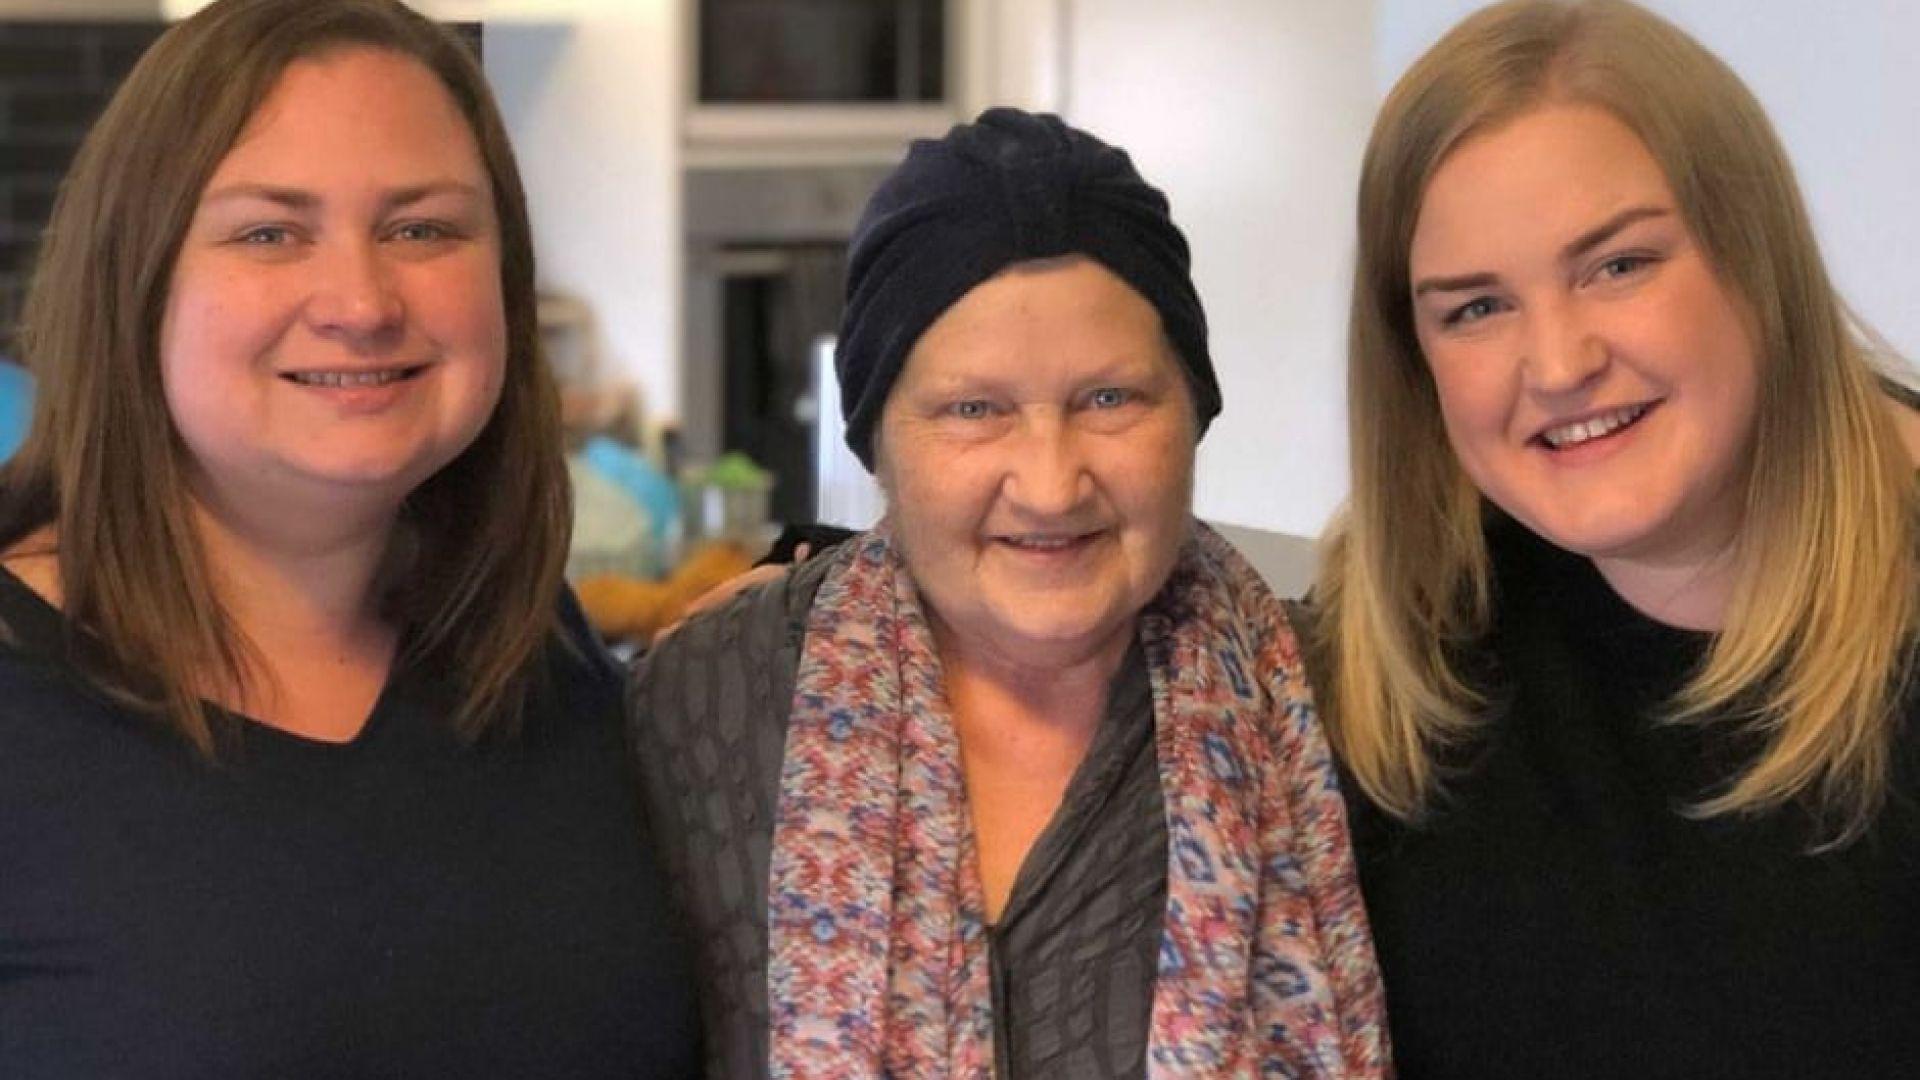 Първа евтаназия в Австралия: 61-годишната Кери си отиде обкръжена с любов и музика на Дейвид Боуи